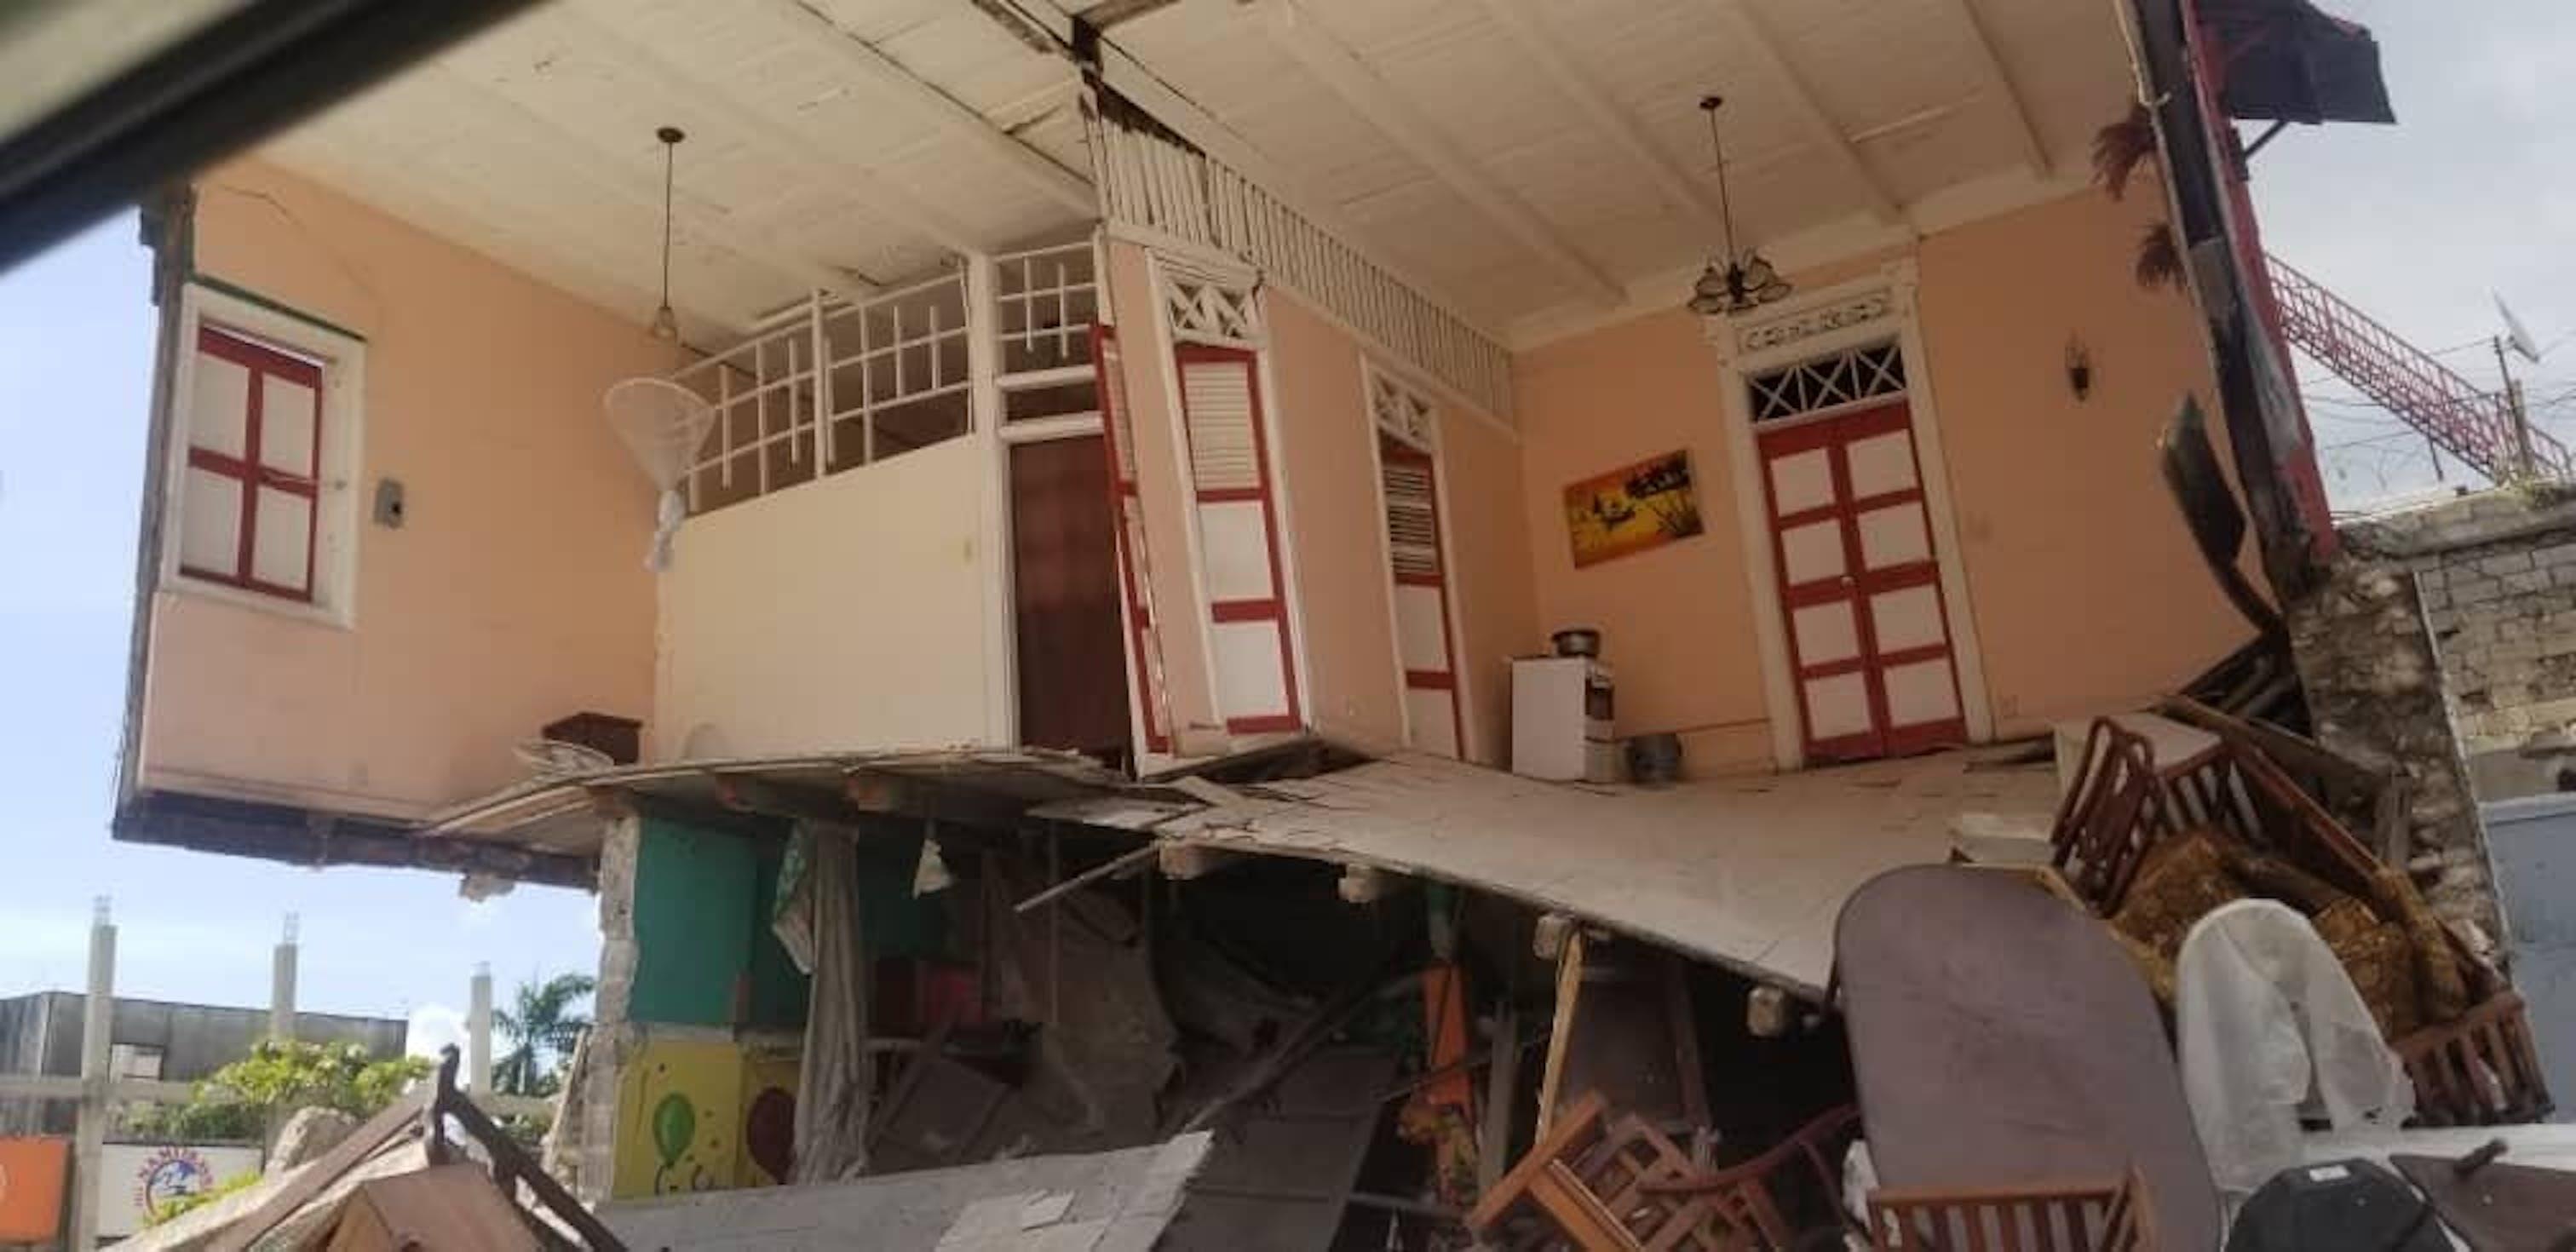 Haiti, la distruzione dopo il terremoto di magnito 7,2, del 14 agosto 2021